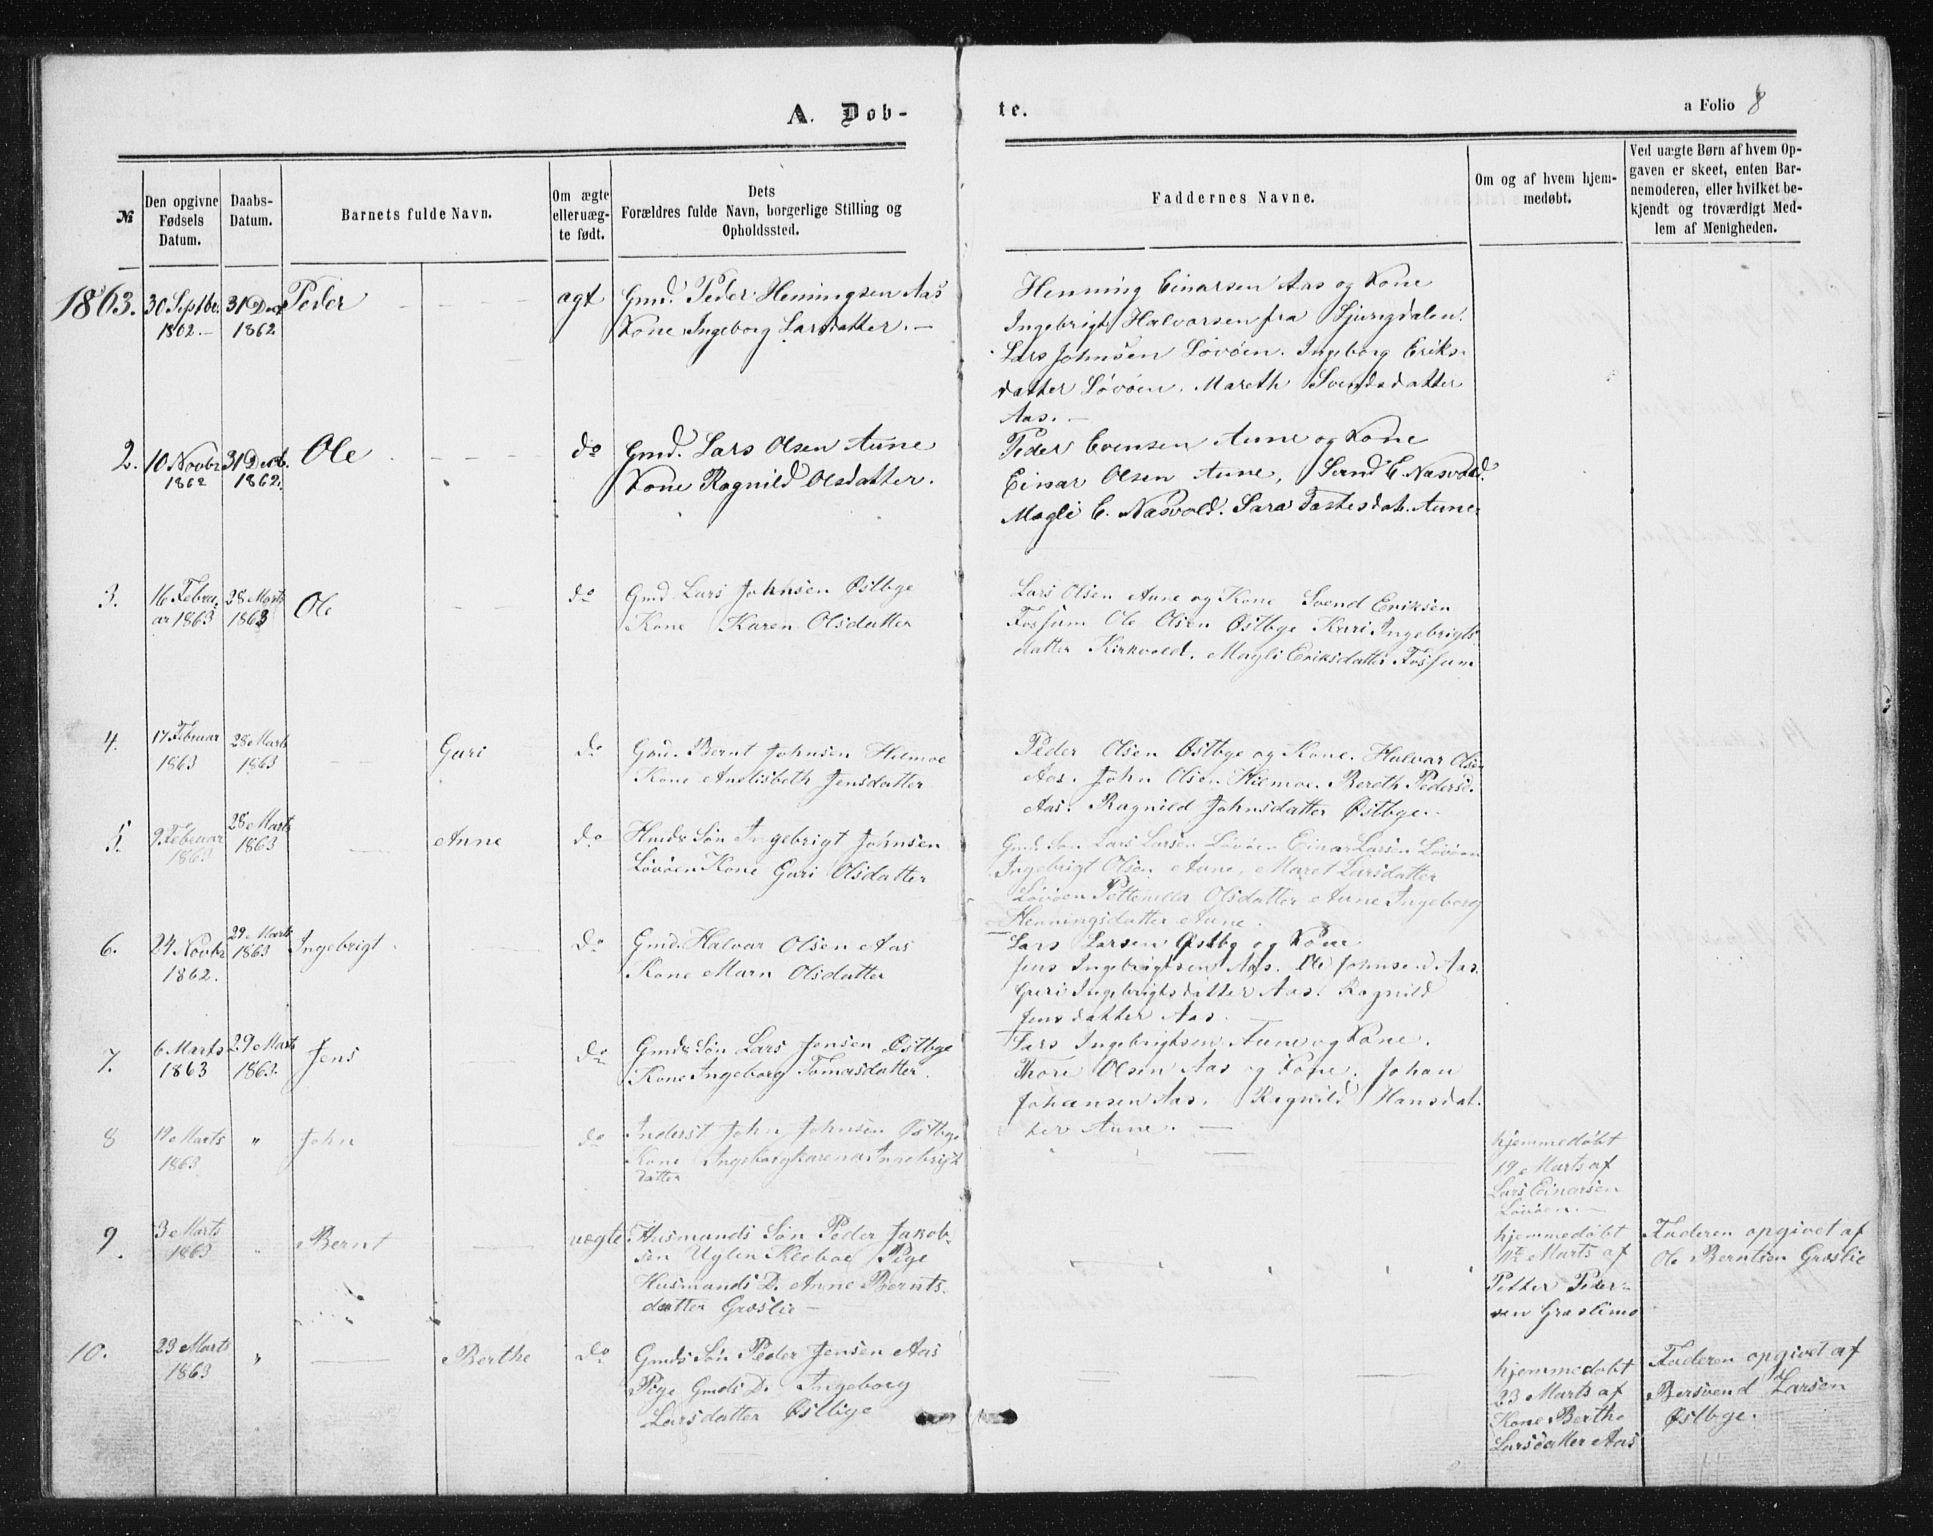 SAT, Ministerialprotokoller, klokkerbøker og fødselsregistre - Sør-Trøndelag, 698/L1166: Klokkerbok nr. 698C03, 1861-1887, s. 8